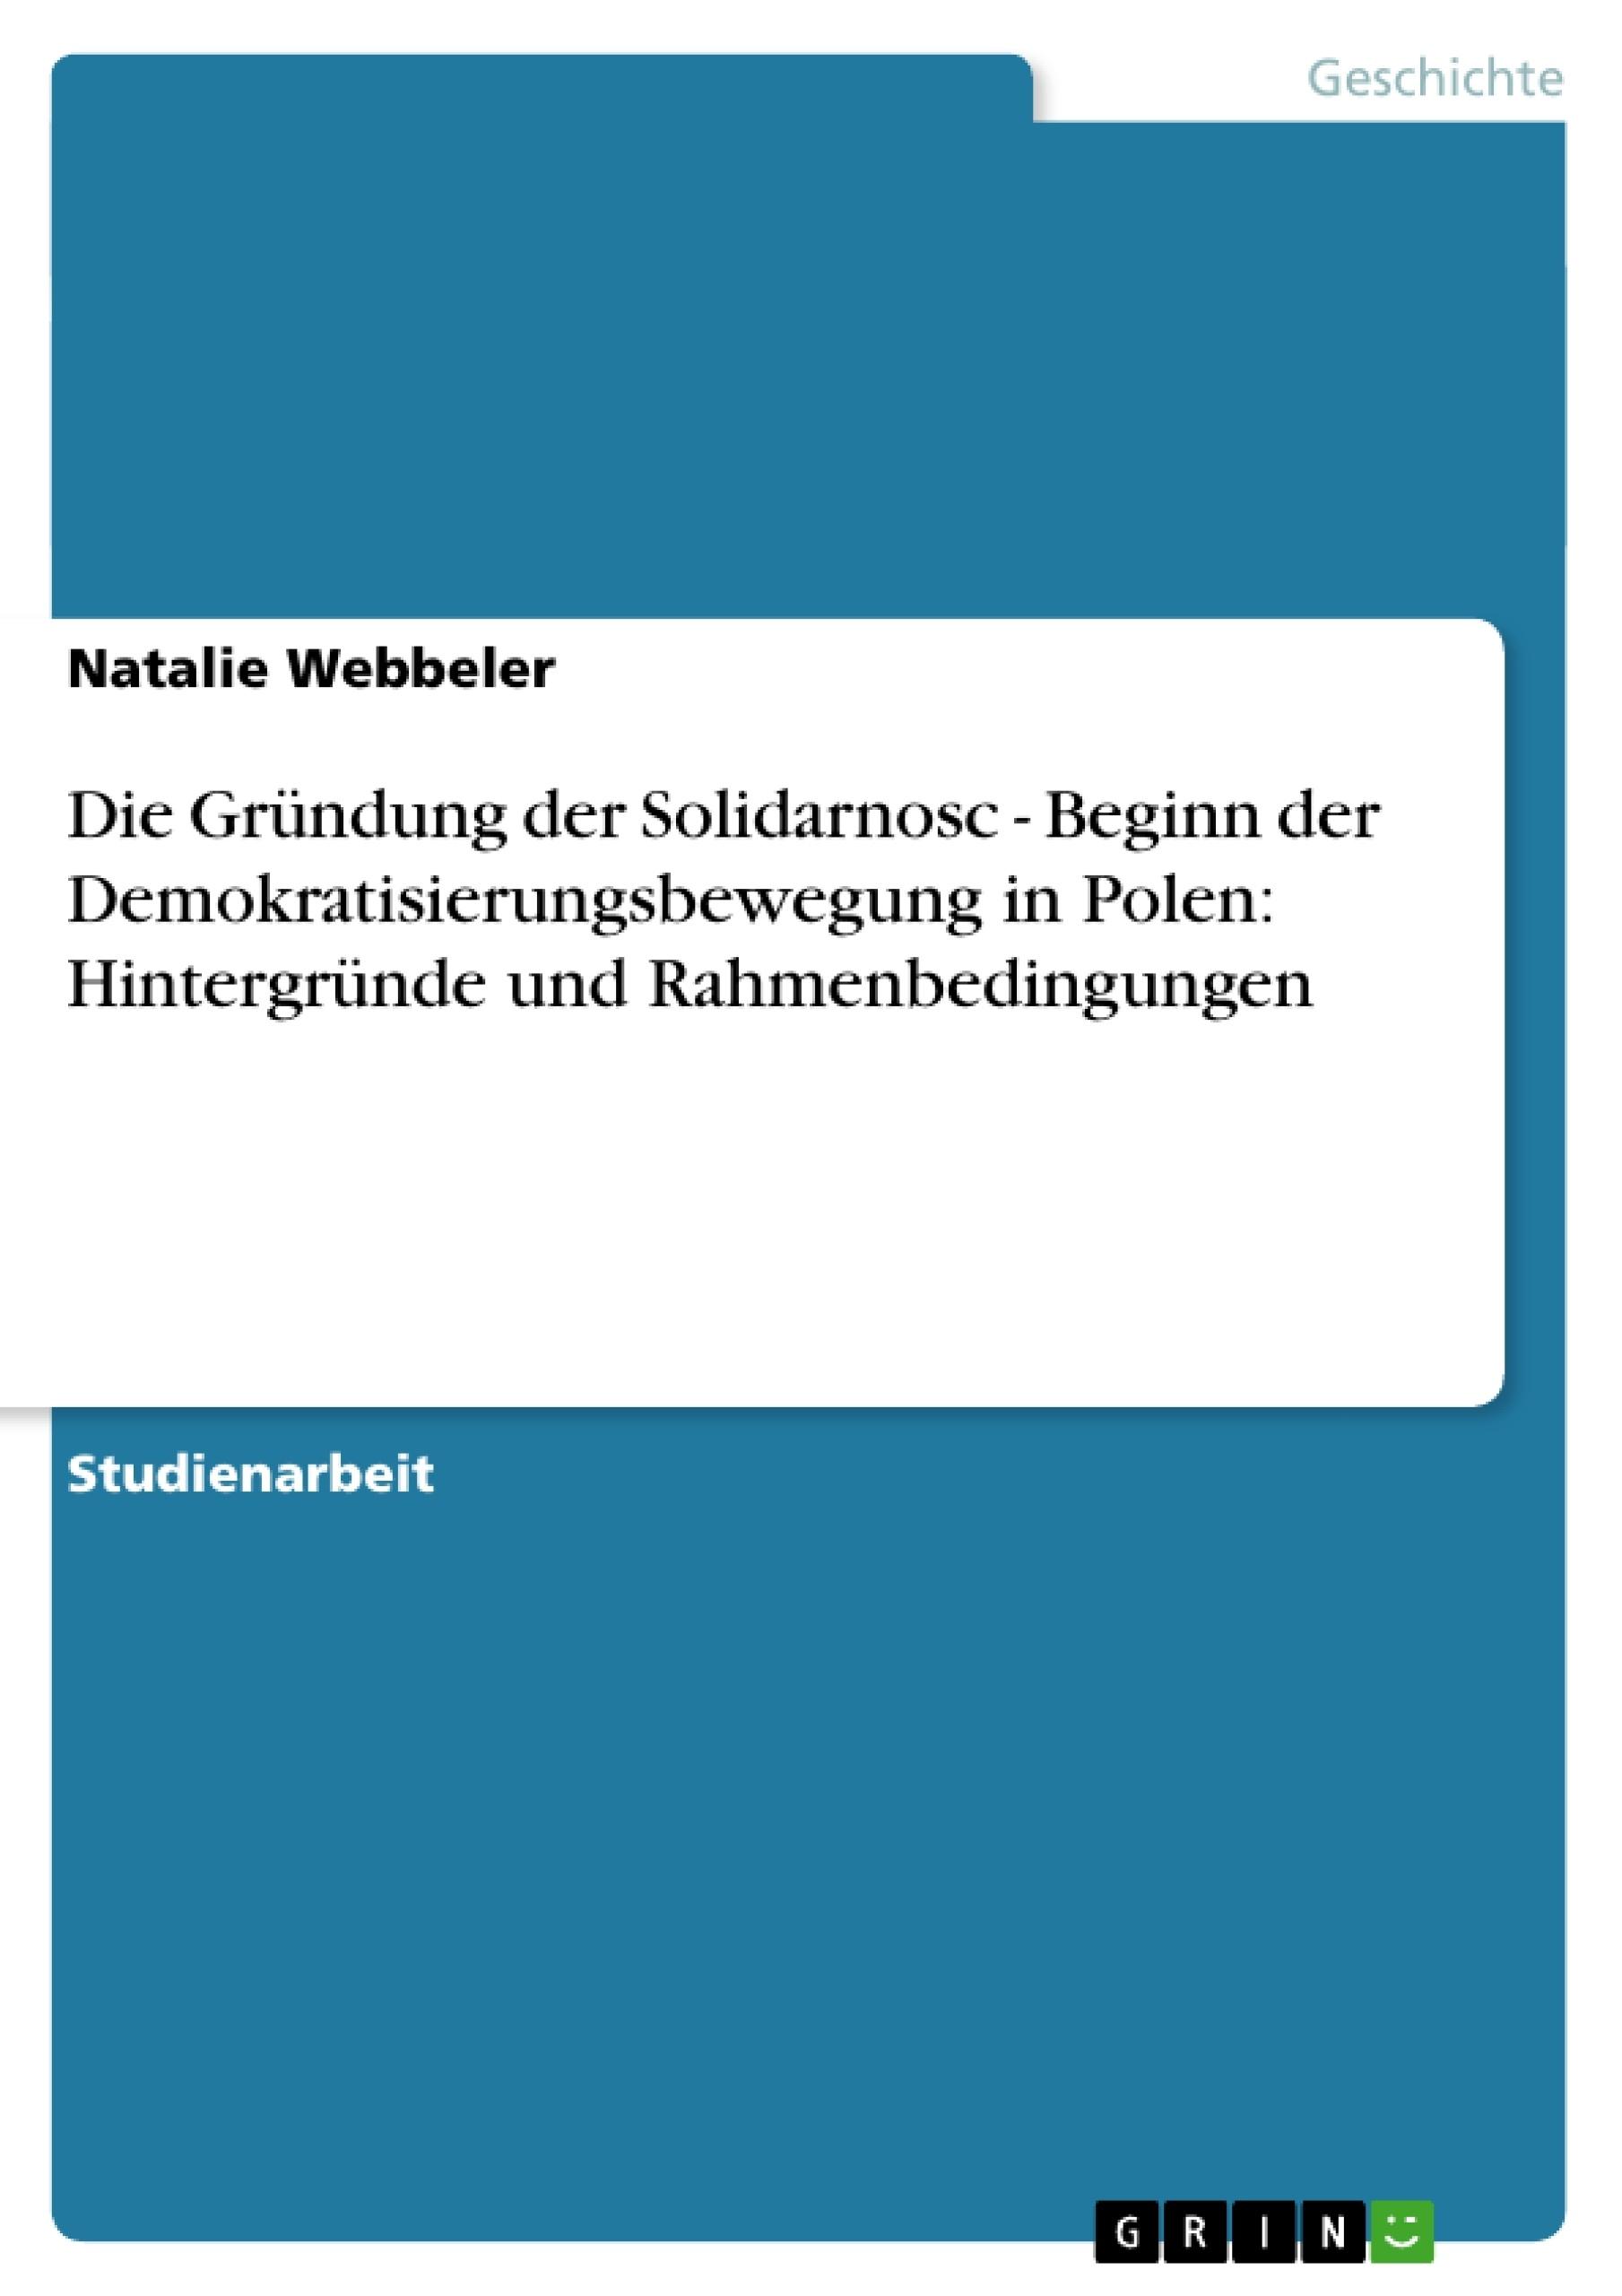 Titel: Die Gründung der Solidarnosc - Beginn der Demokratisierungsbewegung in Polen: Hintergründe und Rahmenbedingungen